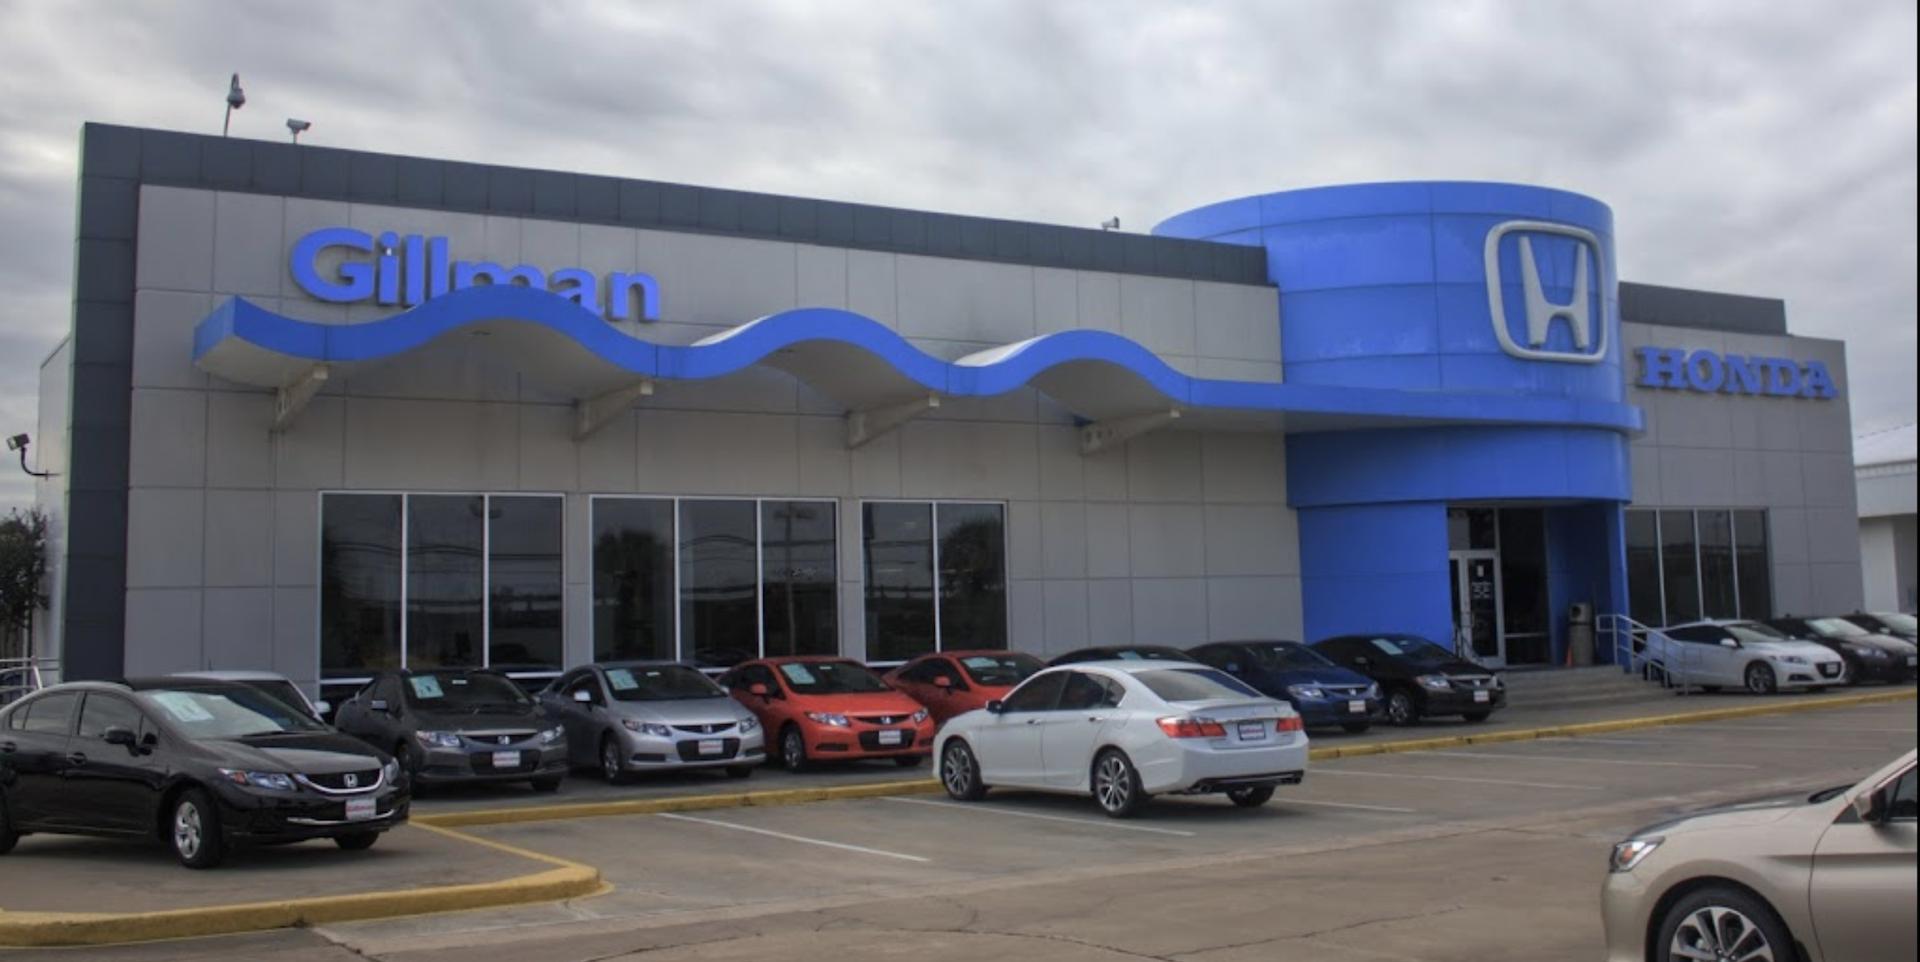 Honda dealership near me in Rosenberg, TX | Gillman Honda Fort Bend